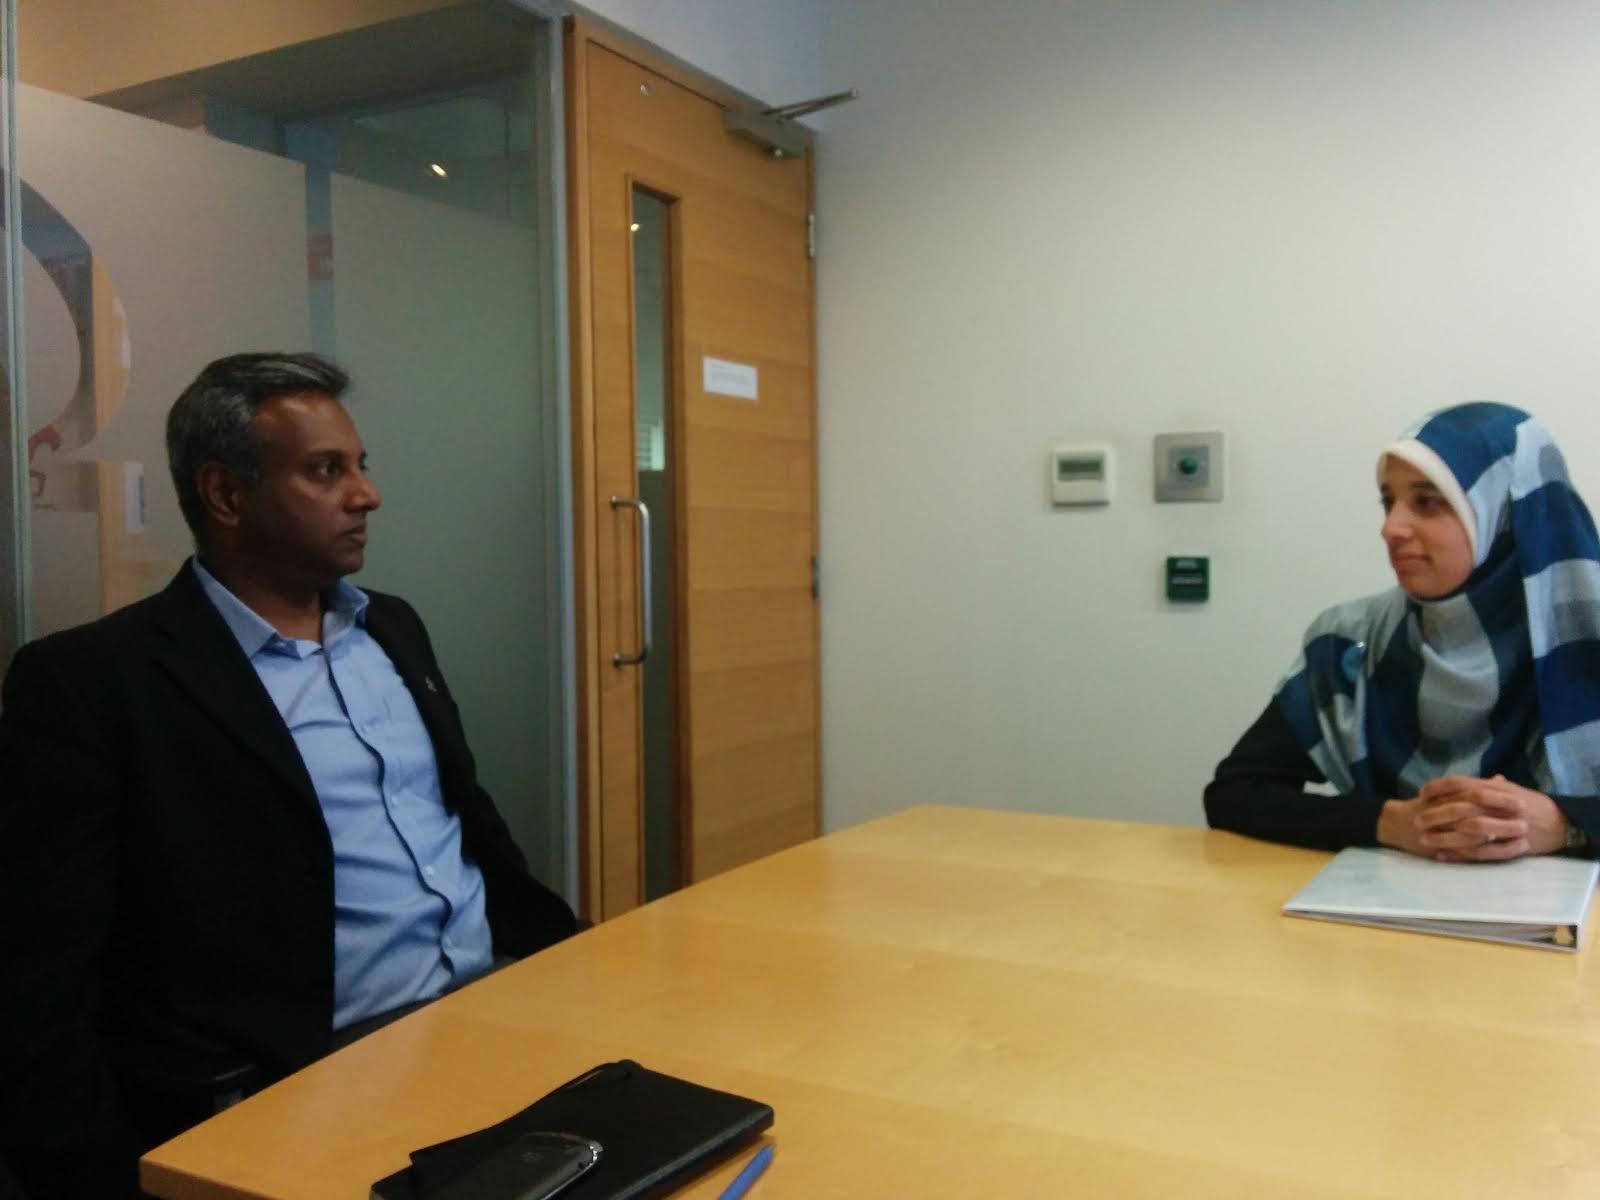 Salil Shetty Secretary General of Amnesty International